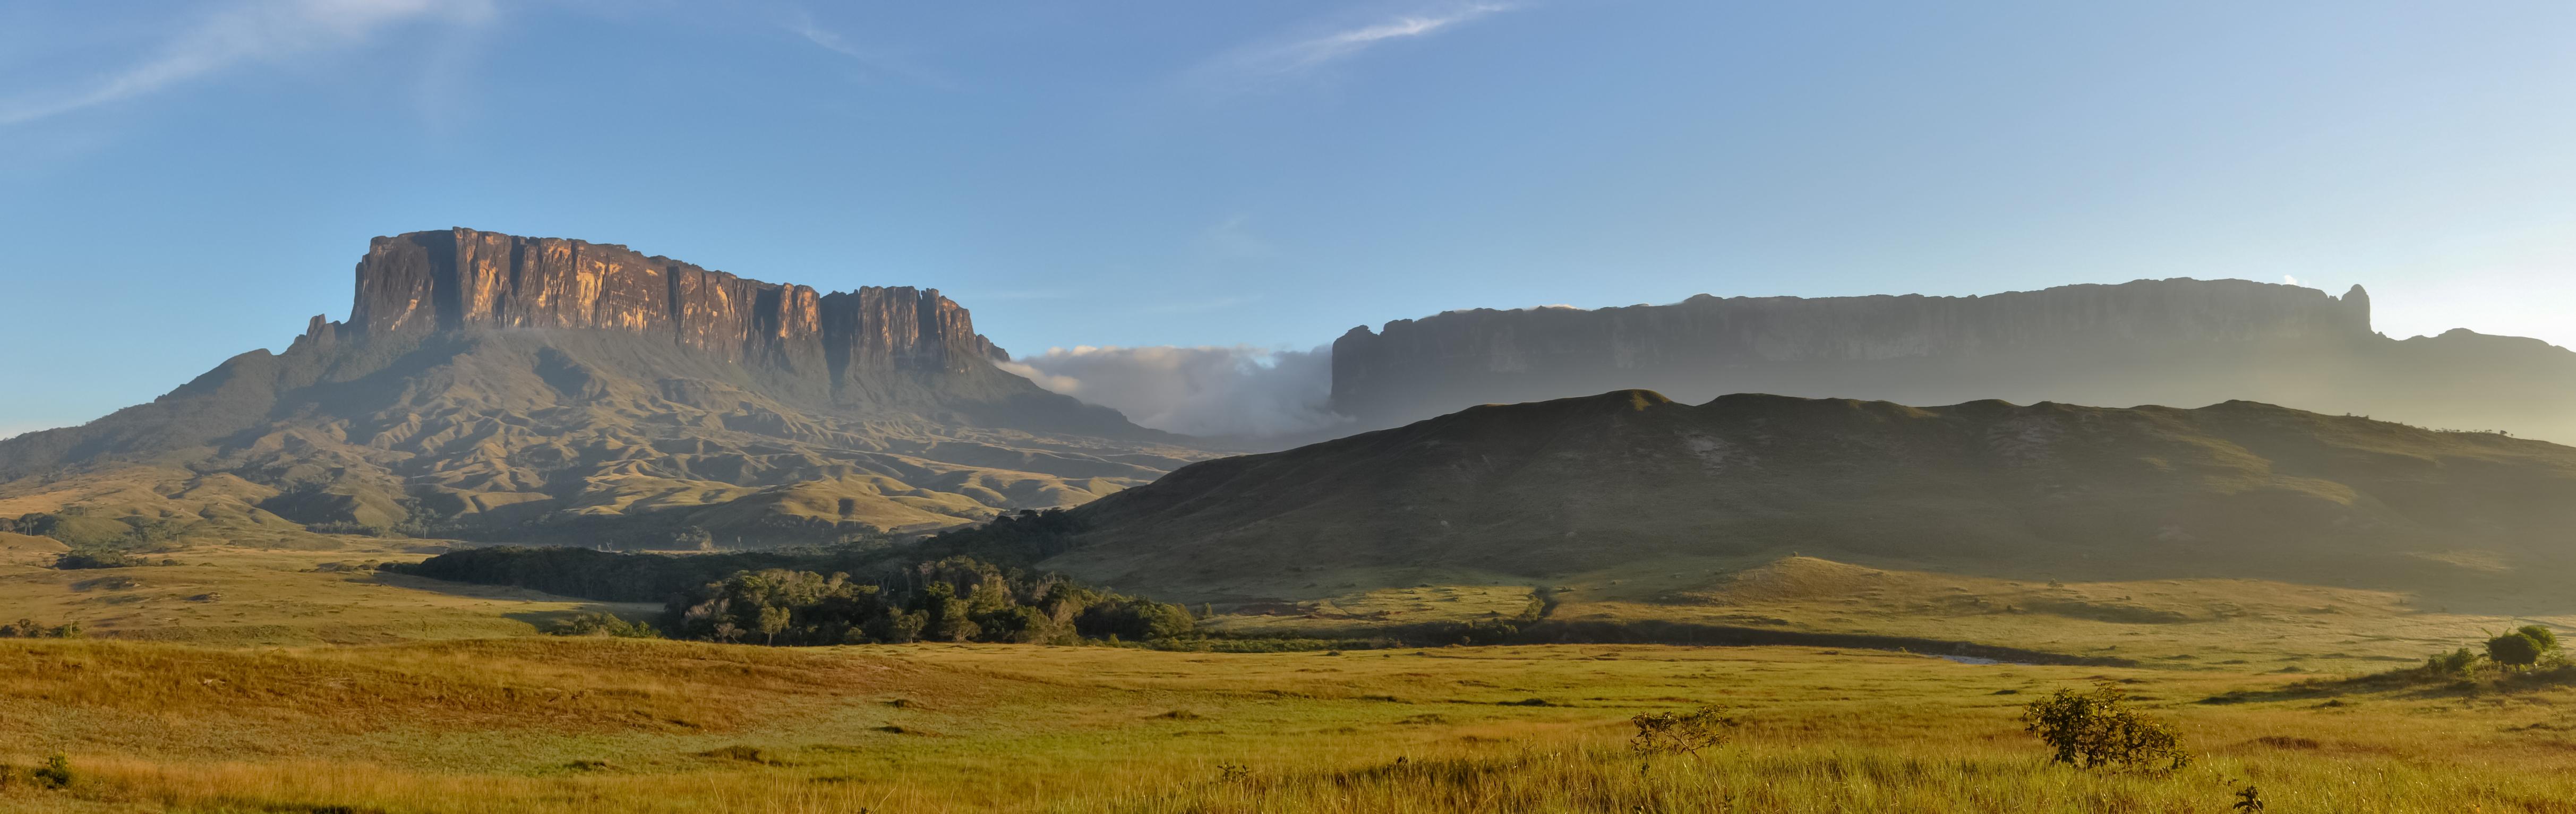 Galeria de fotos: conheça o grandioso Monte Roraima, que liga dois países ao Brasil